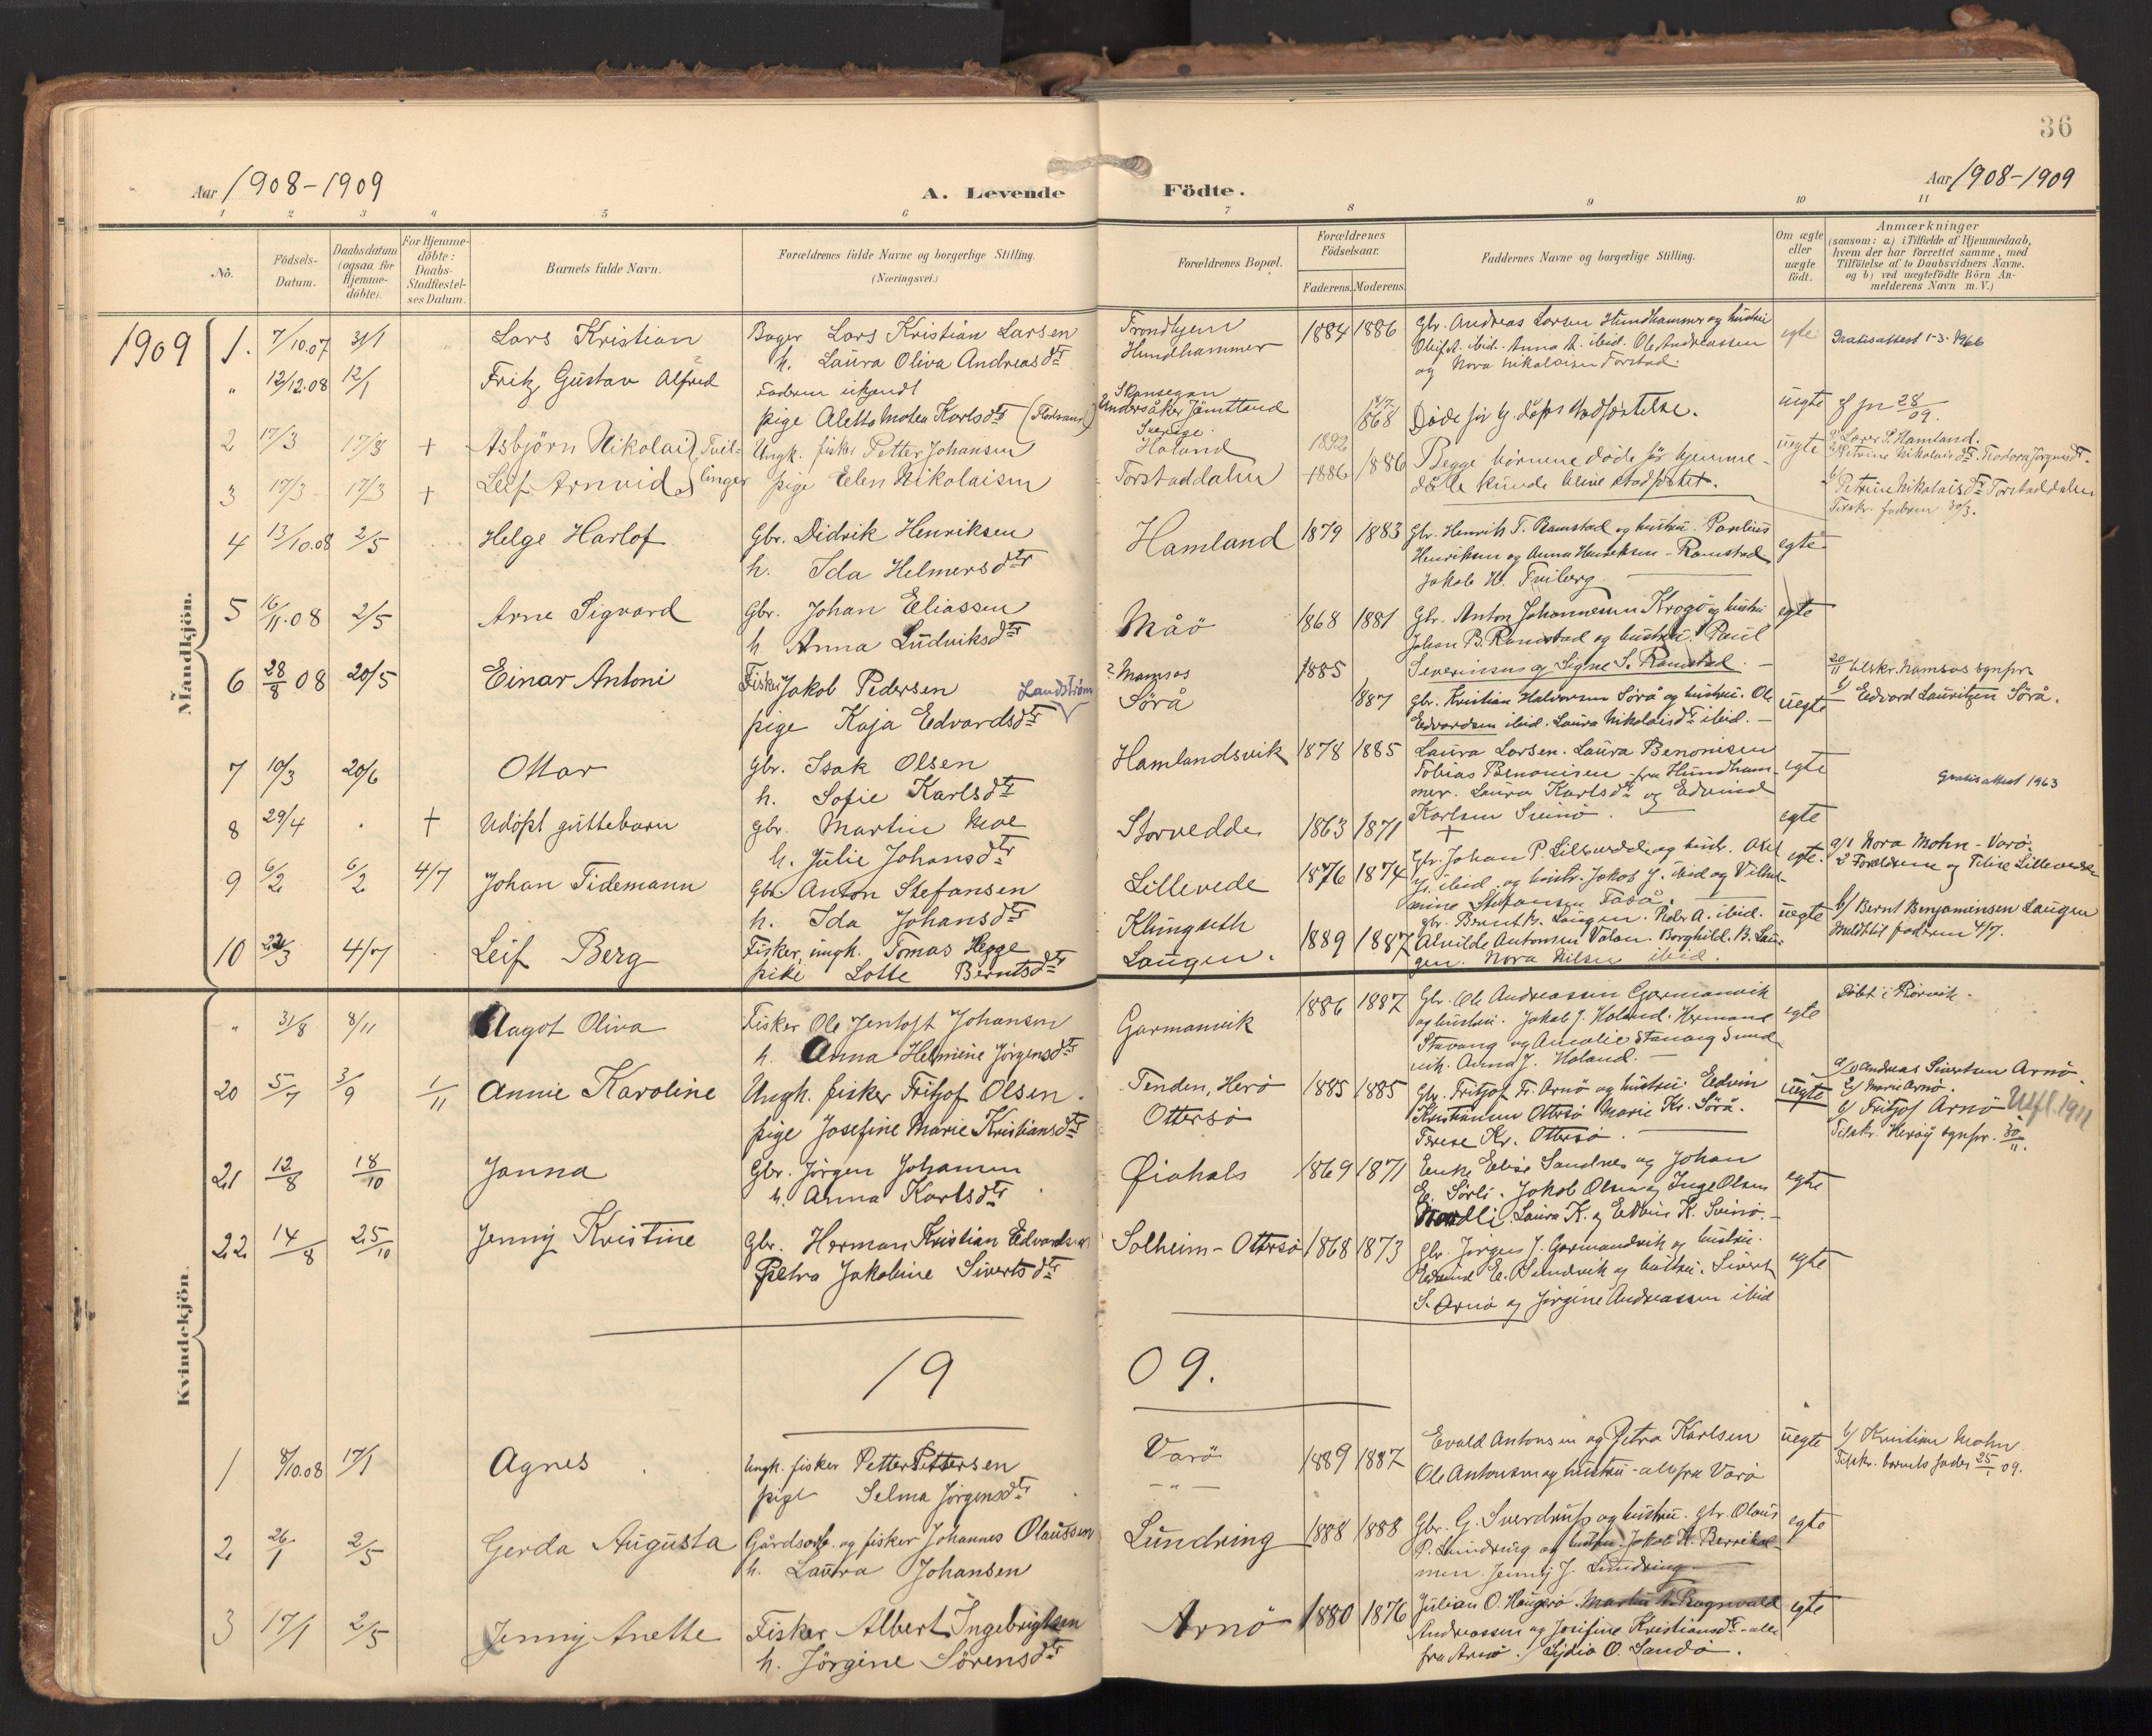 SAT, Ministerialprotokoller, klokkerbøker og fødselsregistre - Nord-Trøndelag, 784/L0677: Ministerialbok nr. 784A12, 1900-1920, s. 36